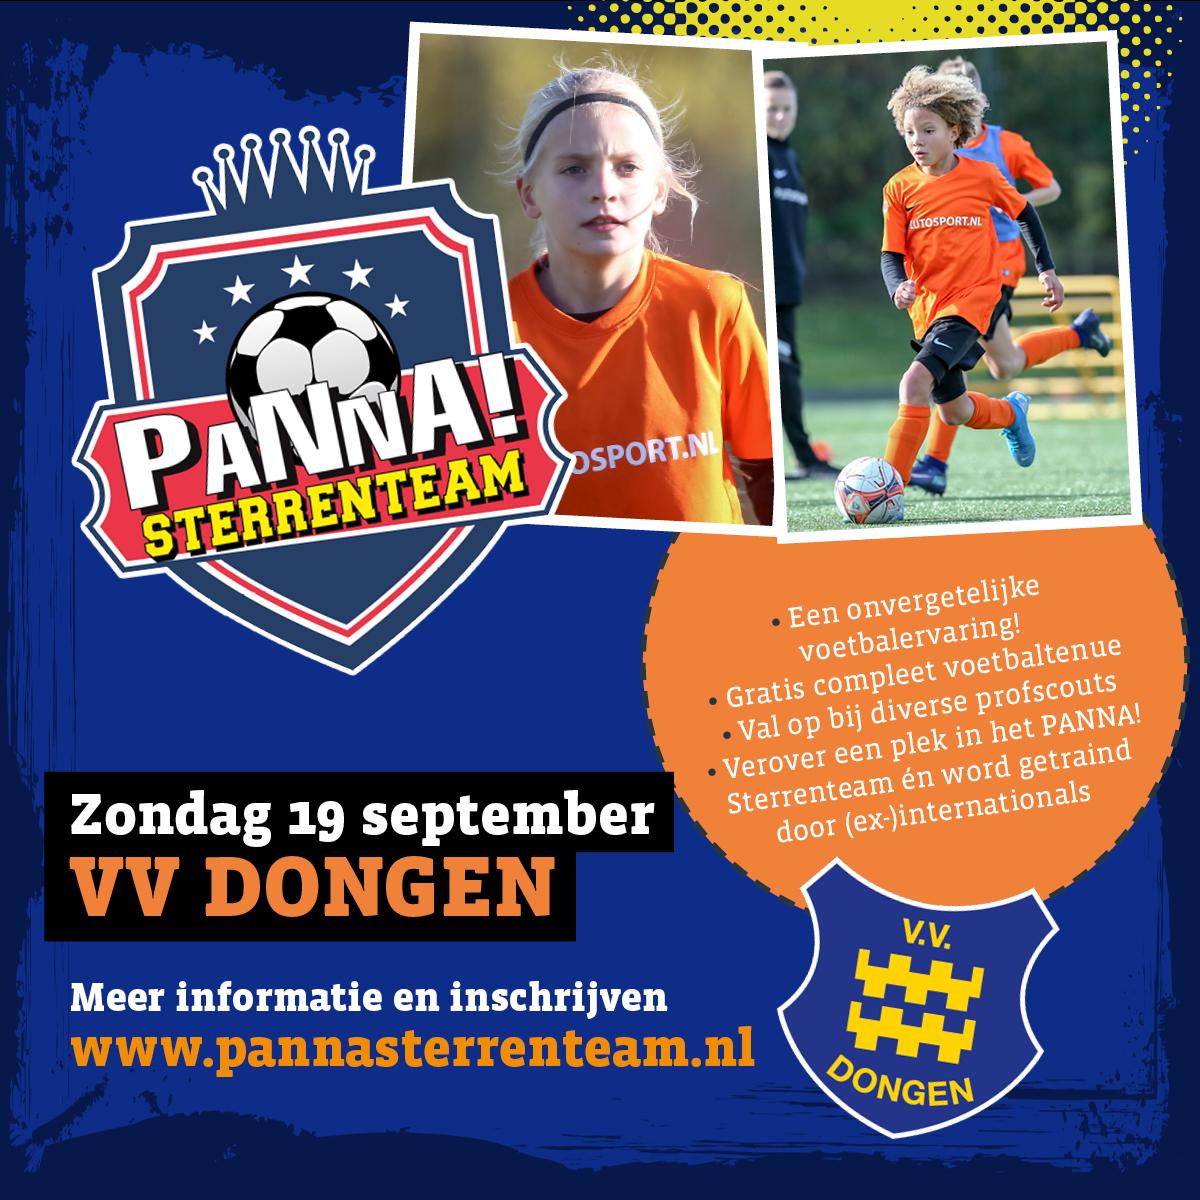 PANNA! Sterrenteamdag bij VV Dongen!